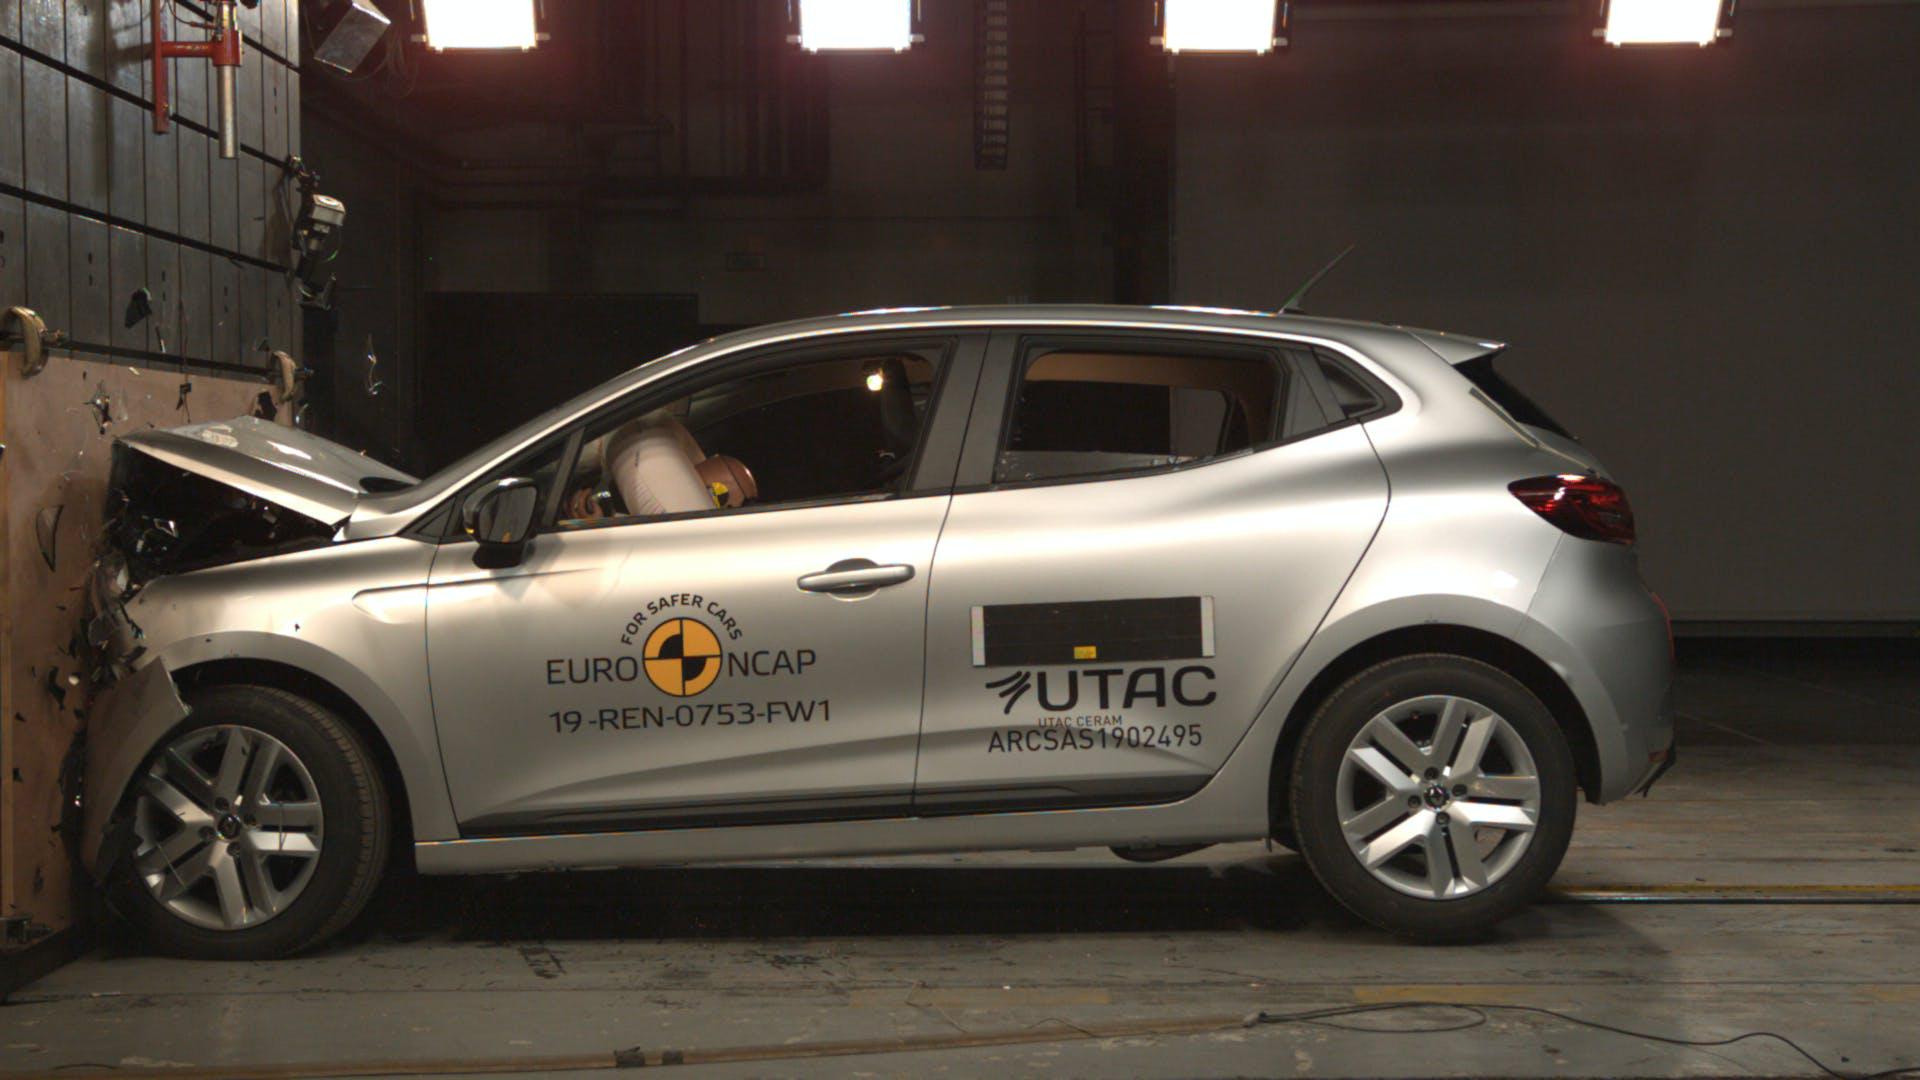 Renault Clio 2019 crash test